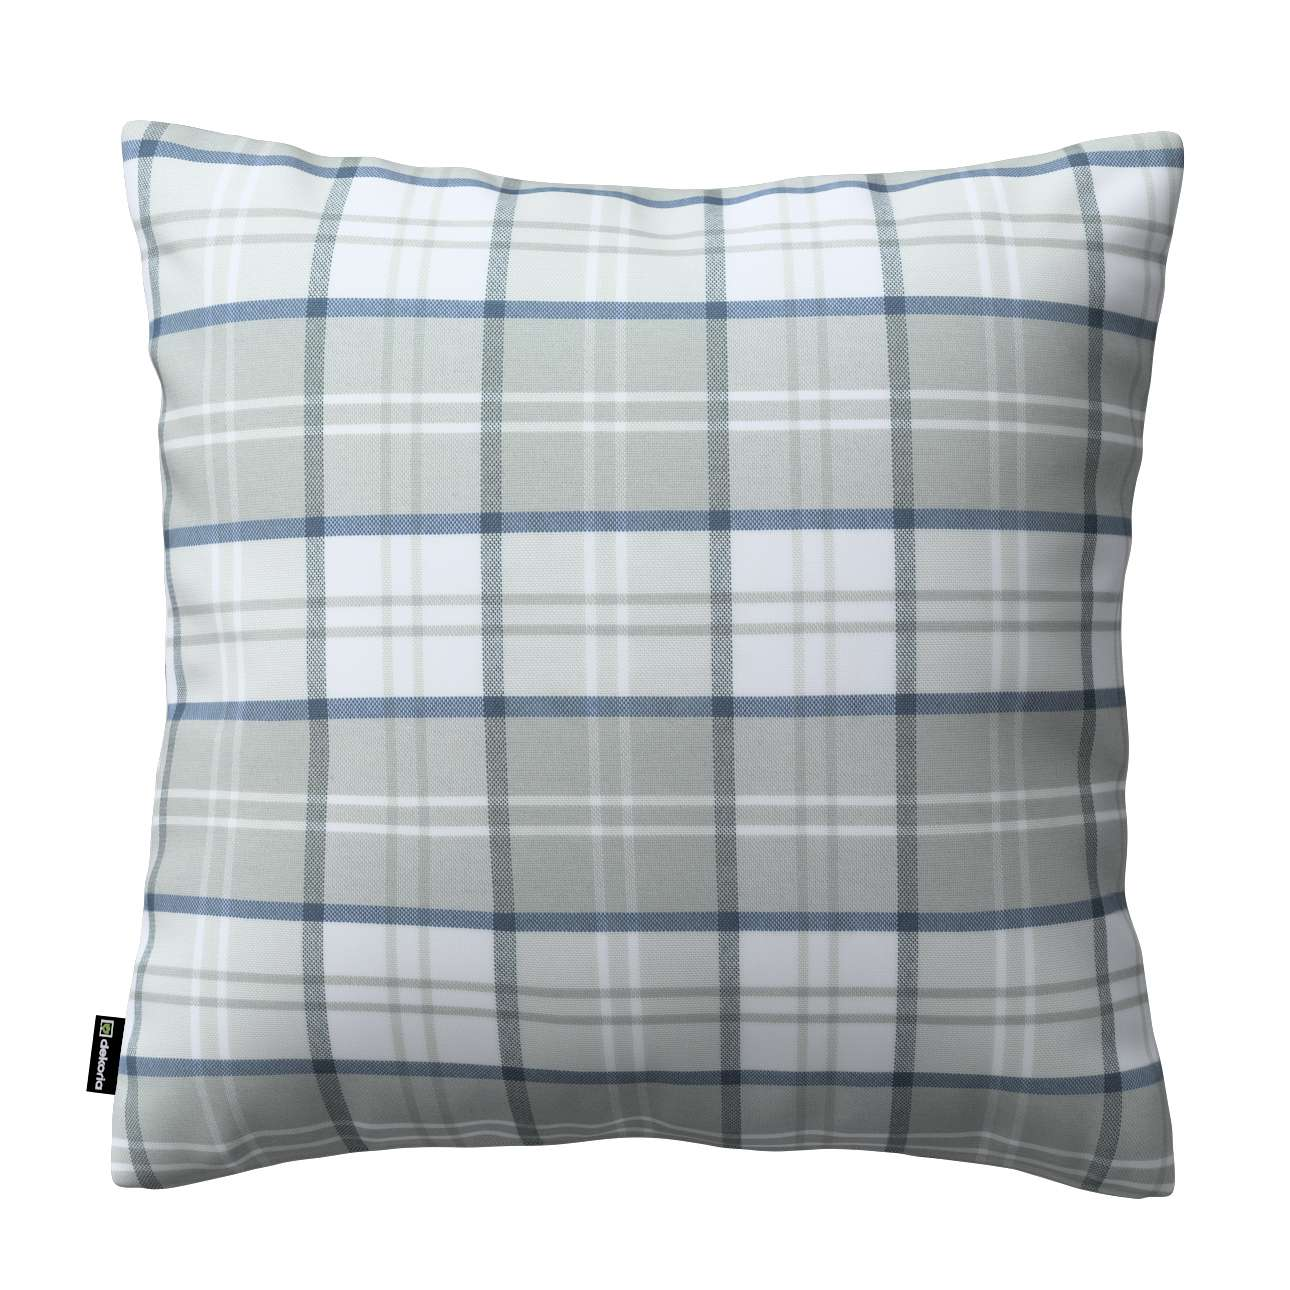 Karin - jednoduchá obliečka V kolekcii Bristol, tkanina: 143-65